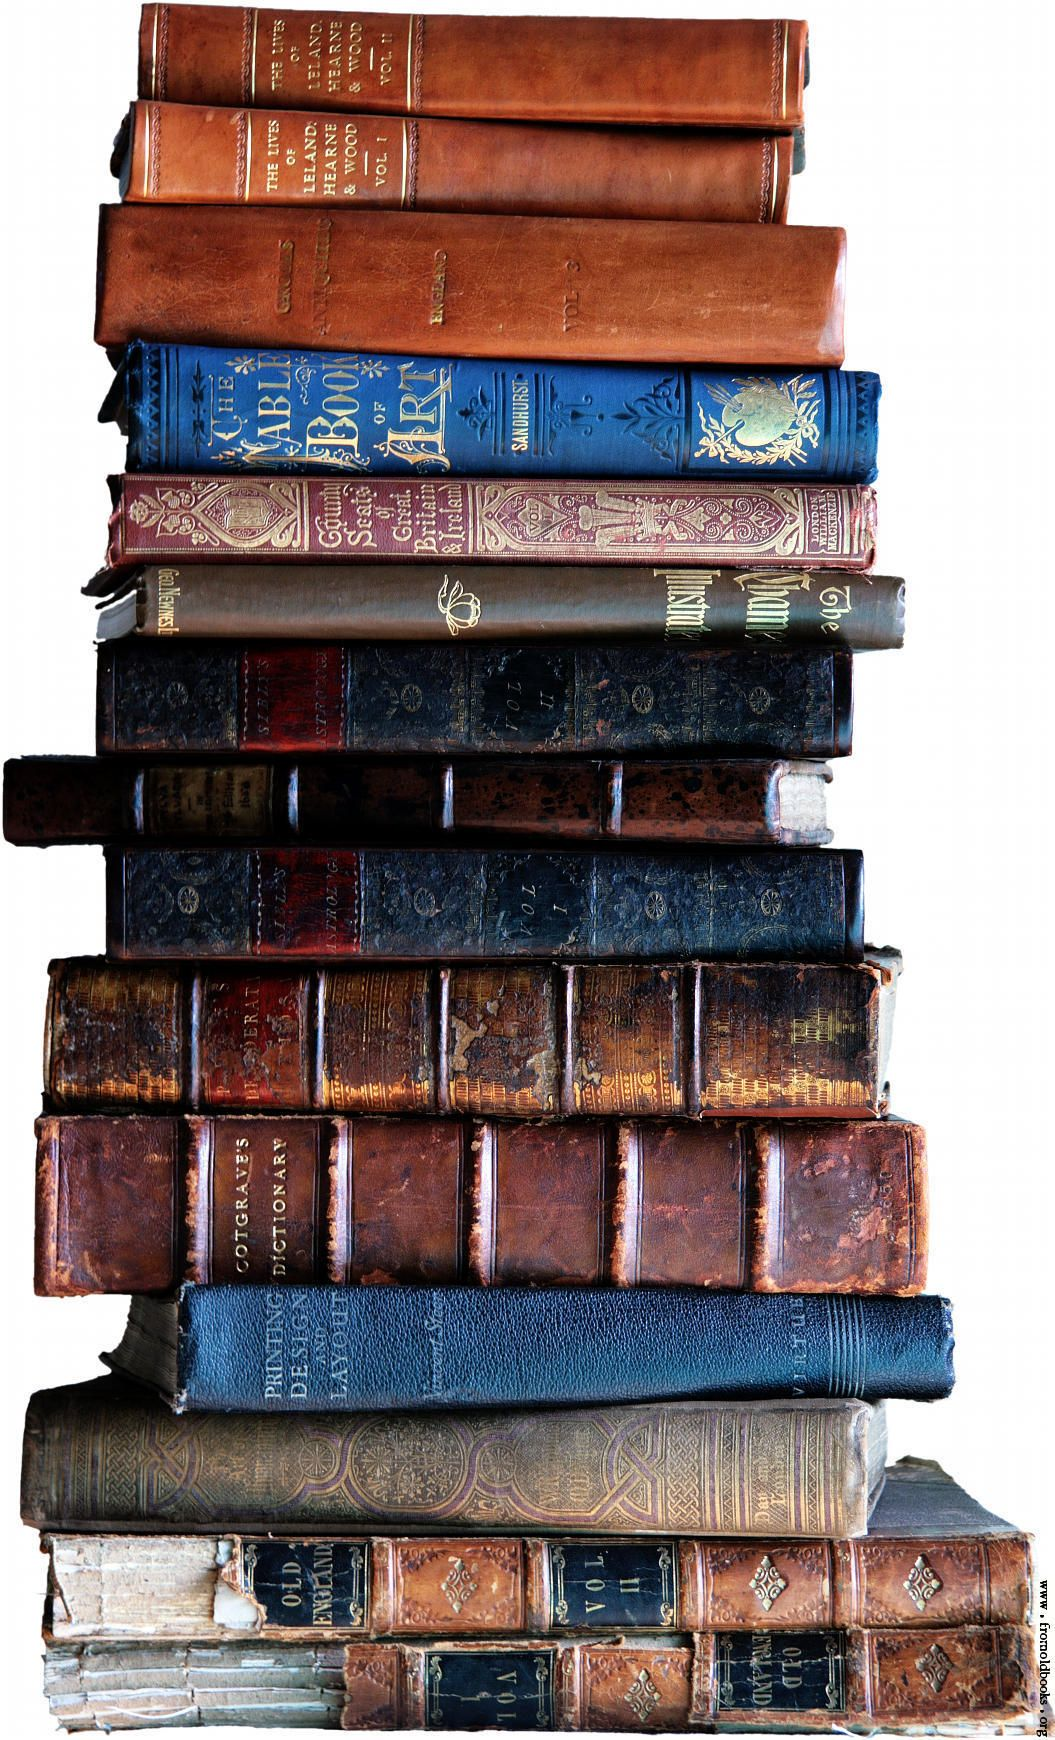 Explorers of Cincinnati's Bookshelves